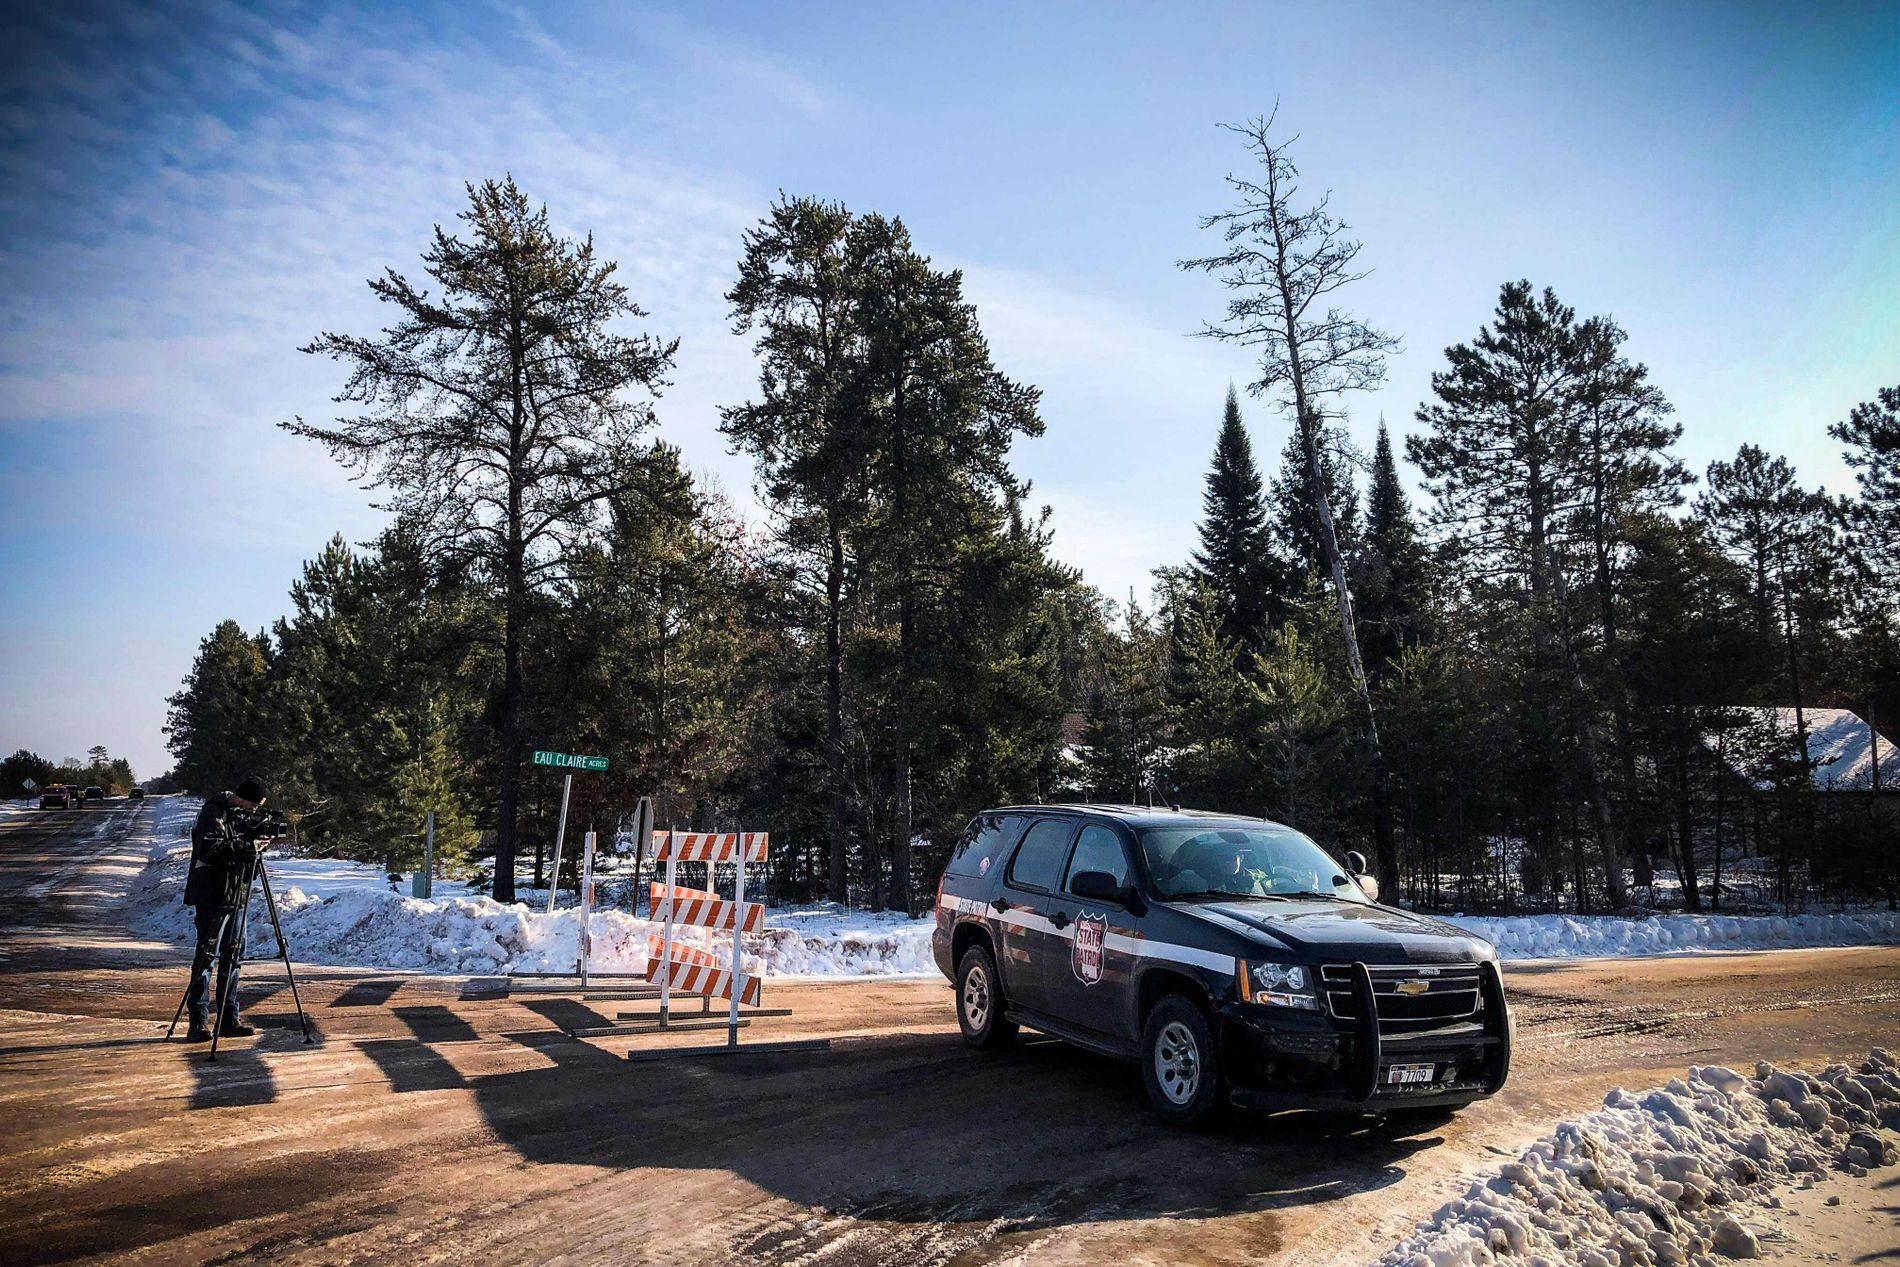 FUNNET HER: En politibil sperrer veien ved stedet hvor 13-åringen ble funnet torsdag. I dette området ligger huset hvor hun ble holdt fanget.